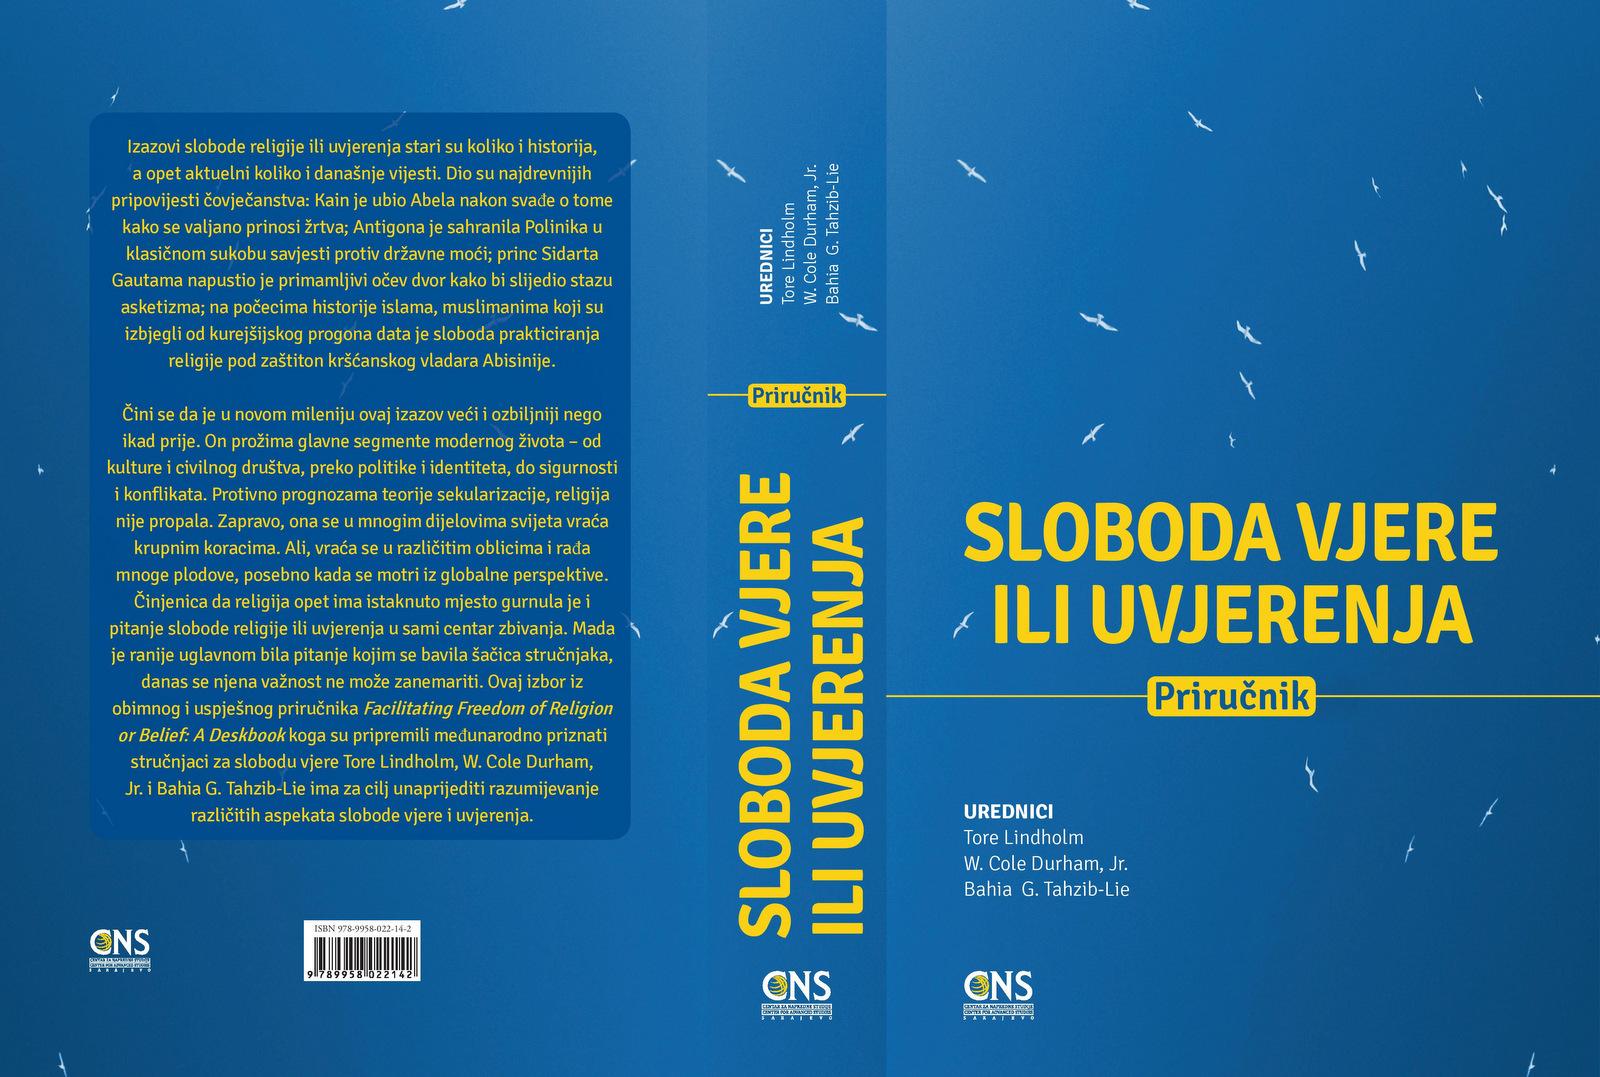 PRIKAZ: Bosanska verzija priručnika o slobodi vjere ili uvjerenja